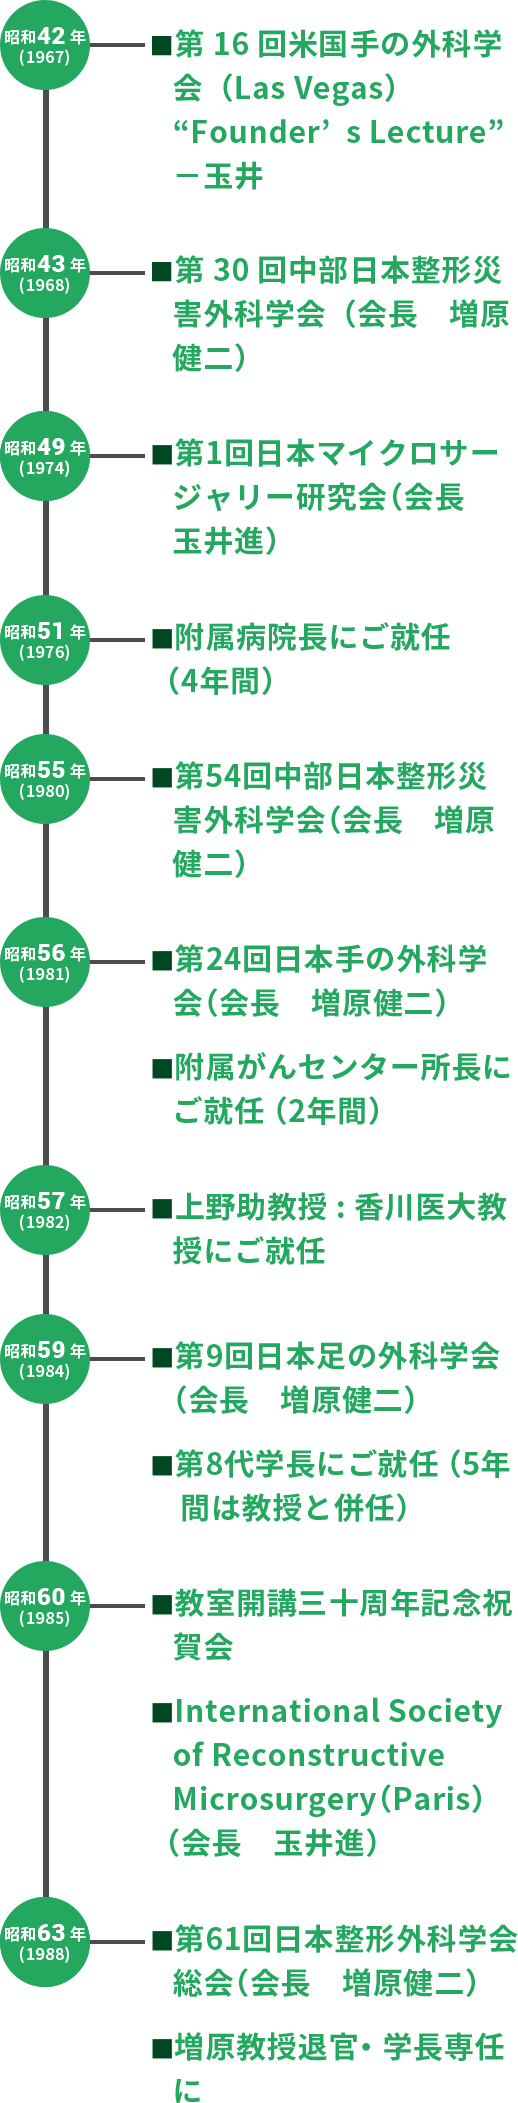 増原健二教授の年表